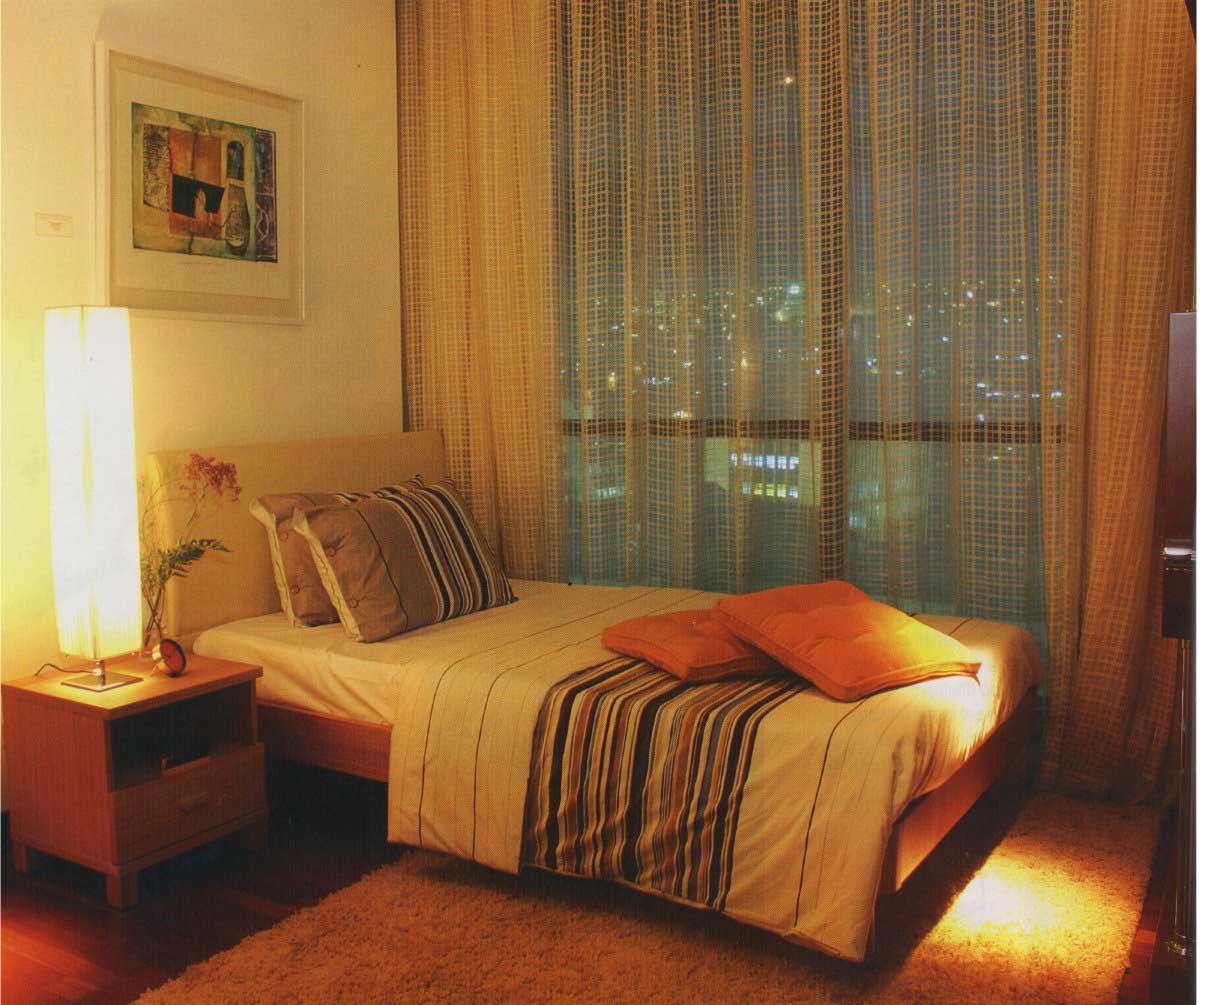 Rudy dewanto mengatur pencahayaan rumah for Bedroom designs hd photos